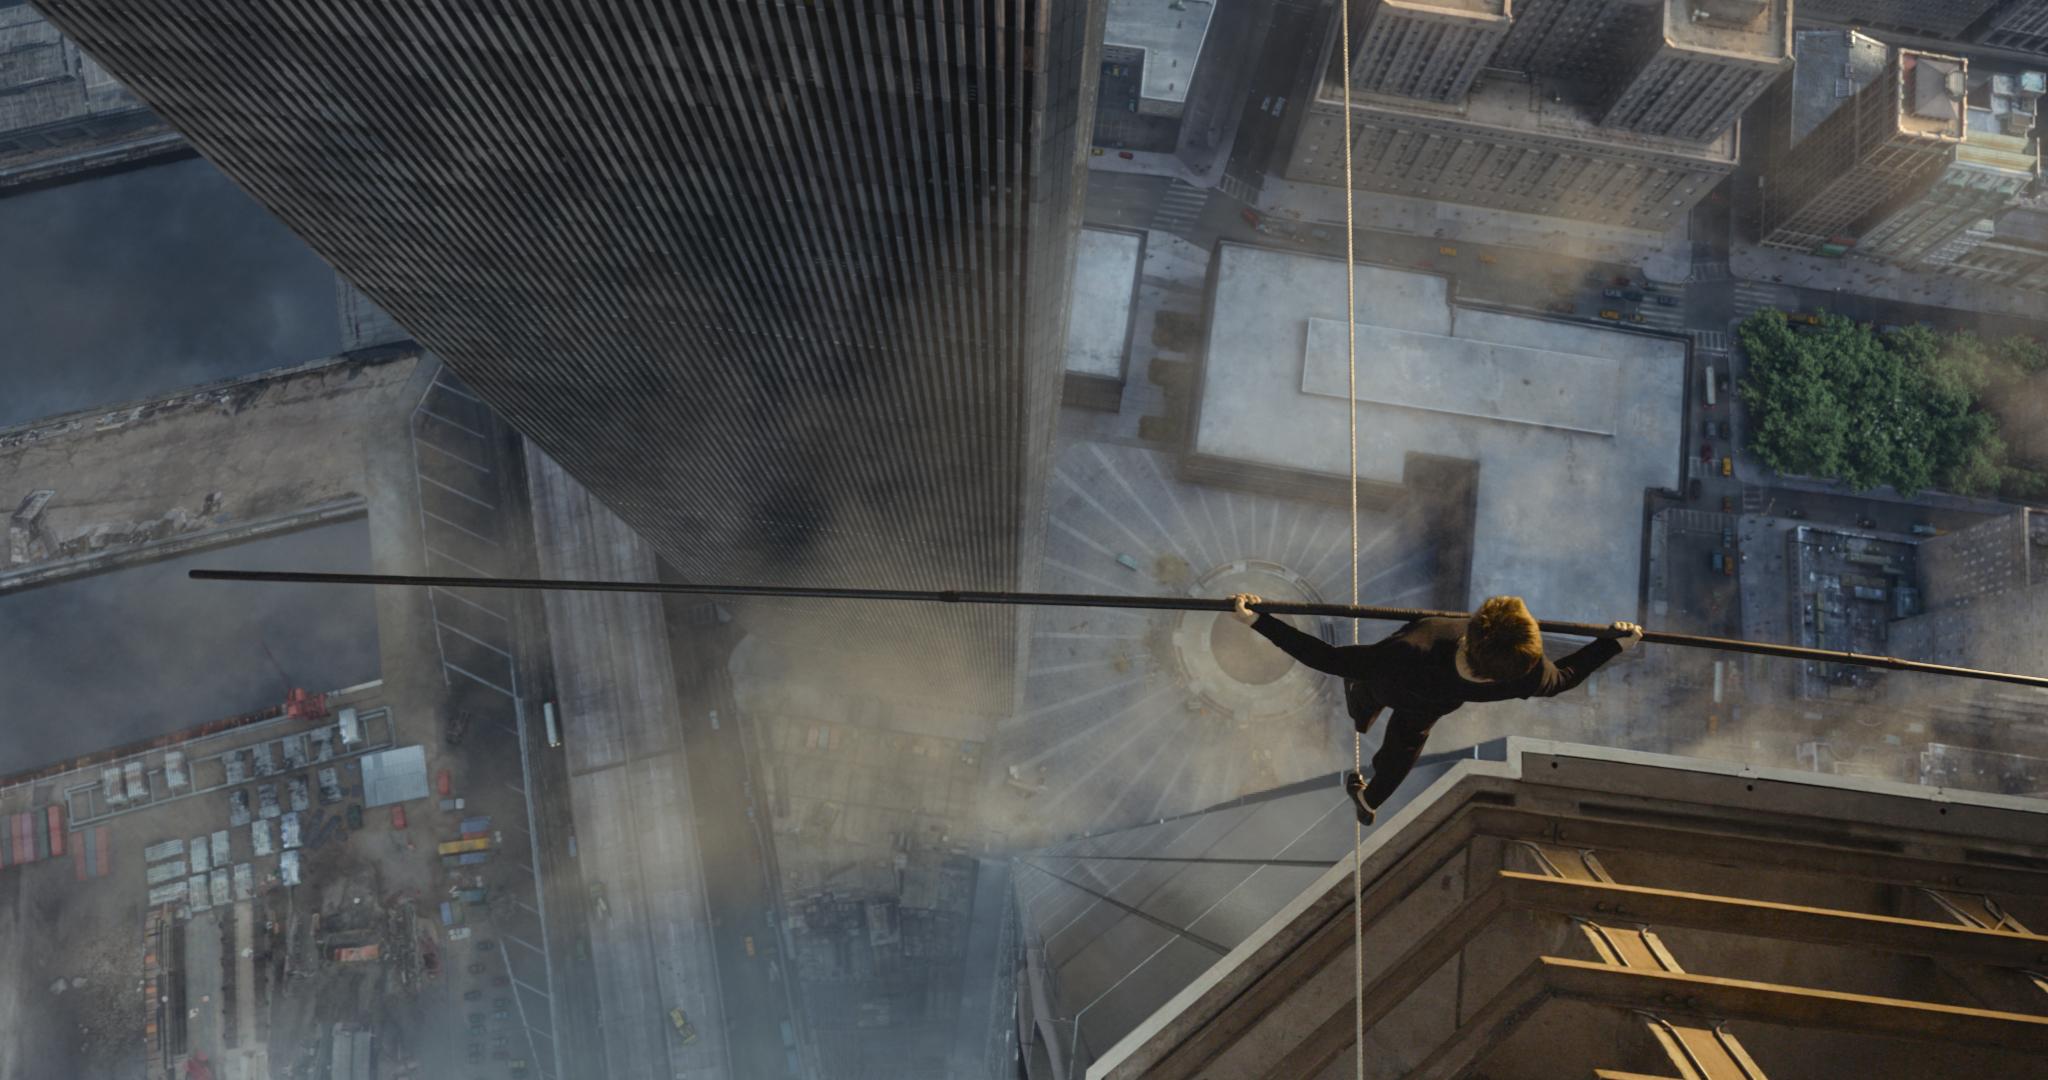 Balanceakt: Philippe Petit (Joseph Gordon-Levitt) über dem 417 Meter tiefen Abgrund. Bild: Sony Pictures